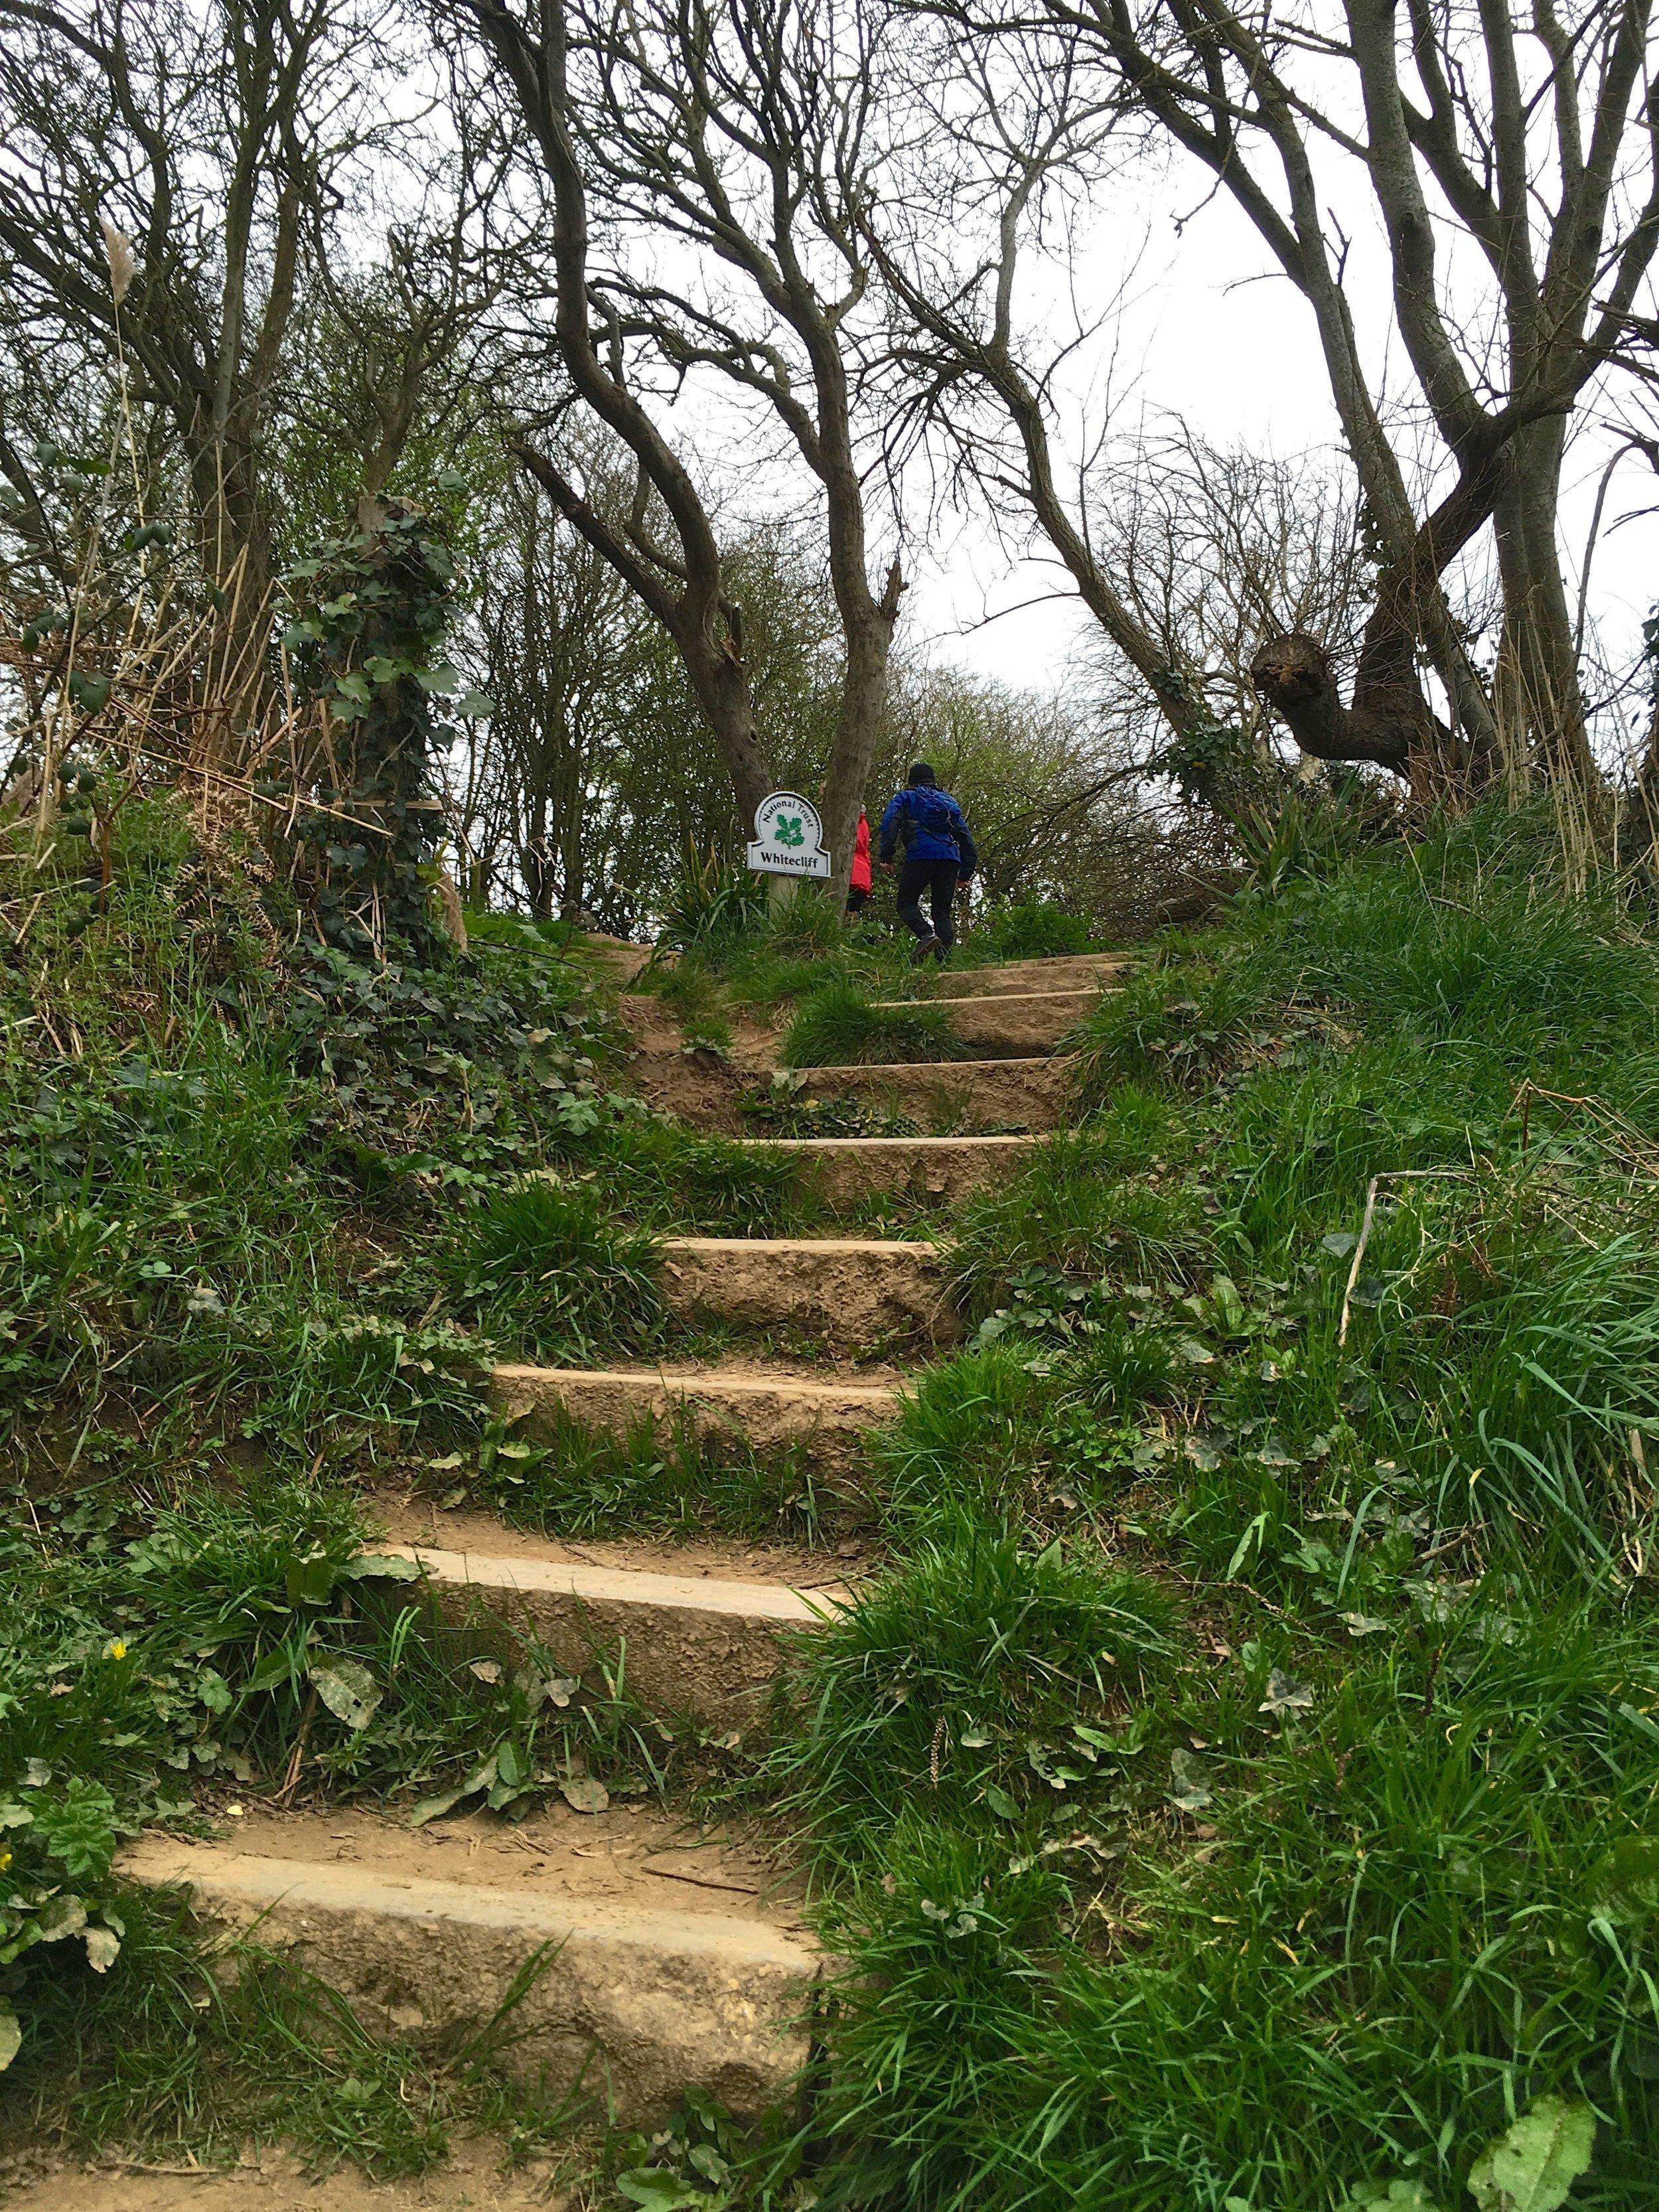 Heading up towards the coastal path and heading towards Old Harry rocks